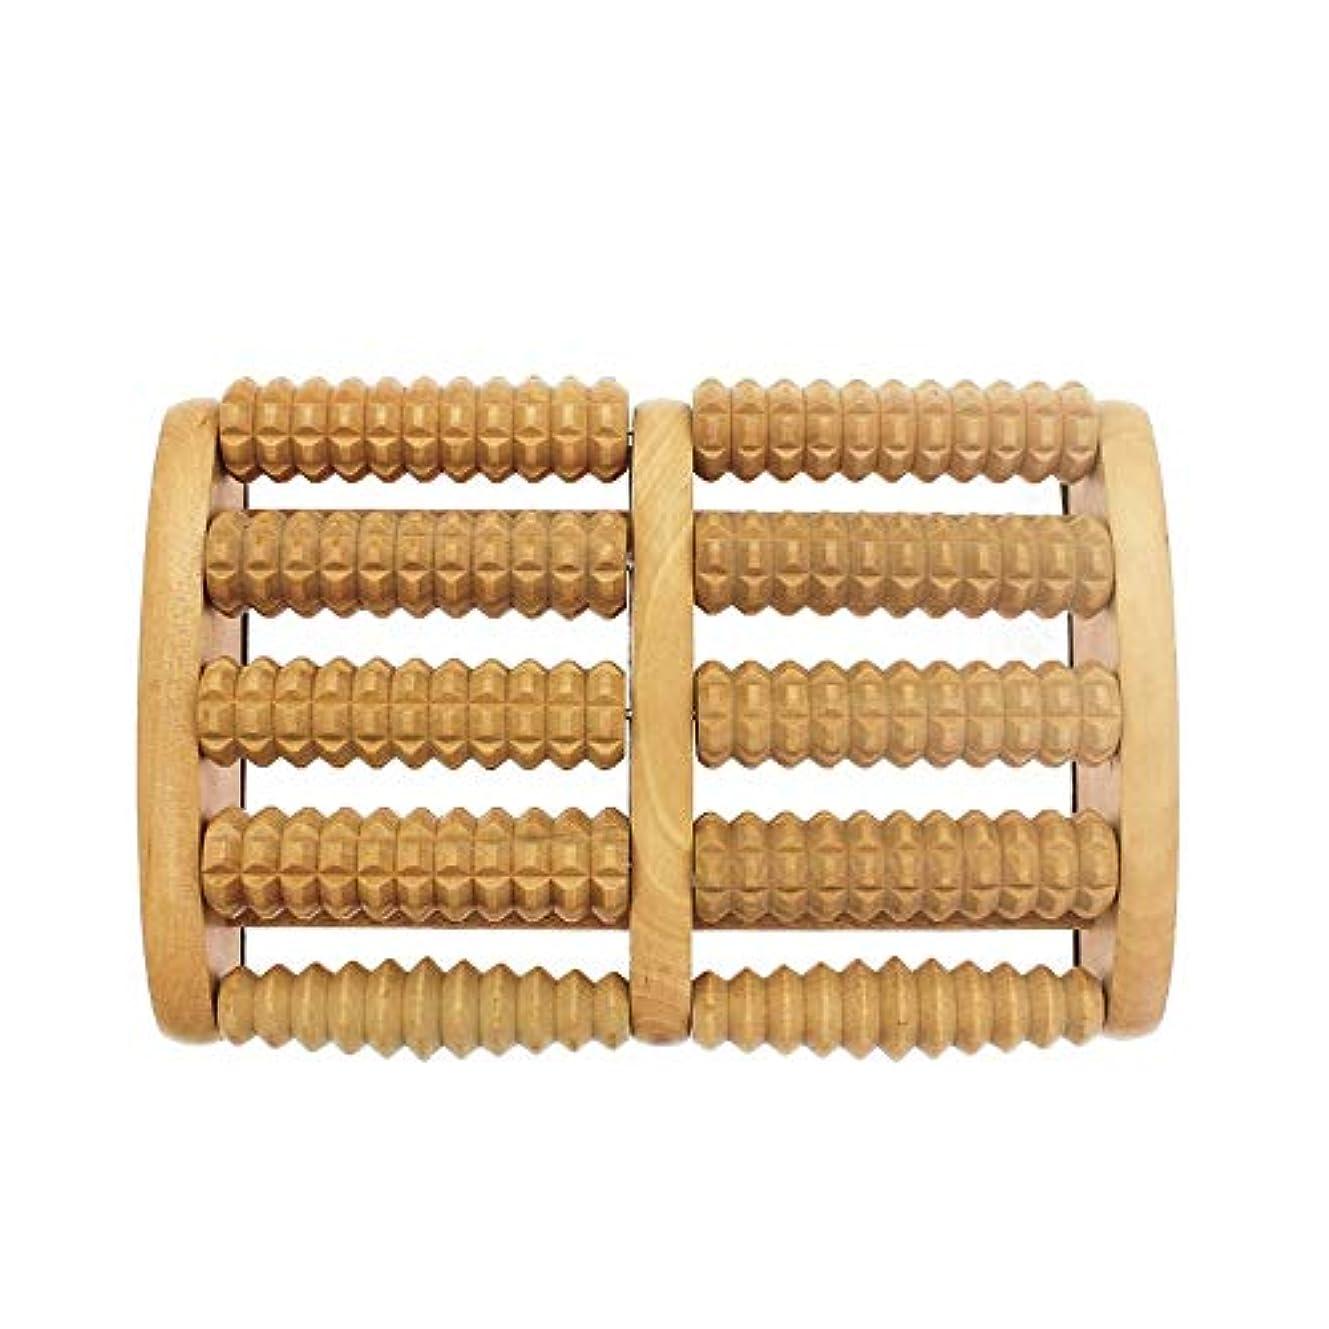 拒絶バナーオーバーフロー足裏マッサージローラー 大型デュアルマッサージローラー多機能木製フットマッサージャー人間工学に基づいたデザインフットフットマッサージローラー 軽量で使いやすく、足の痛みを和らげます (Color : As picture, Size : 27x18x5.5cm)